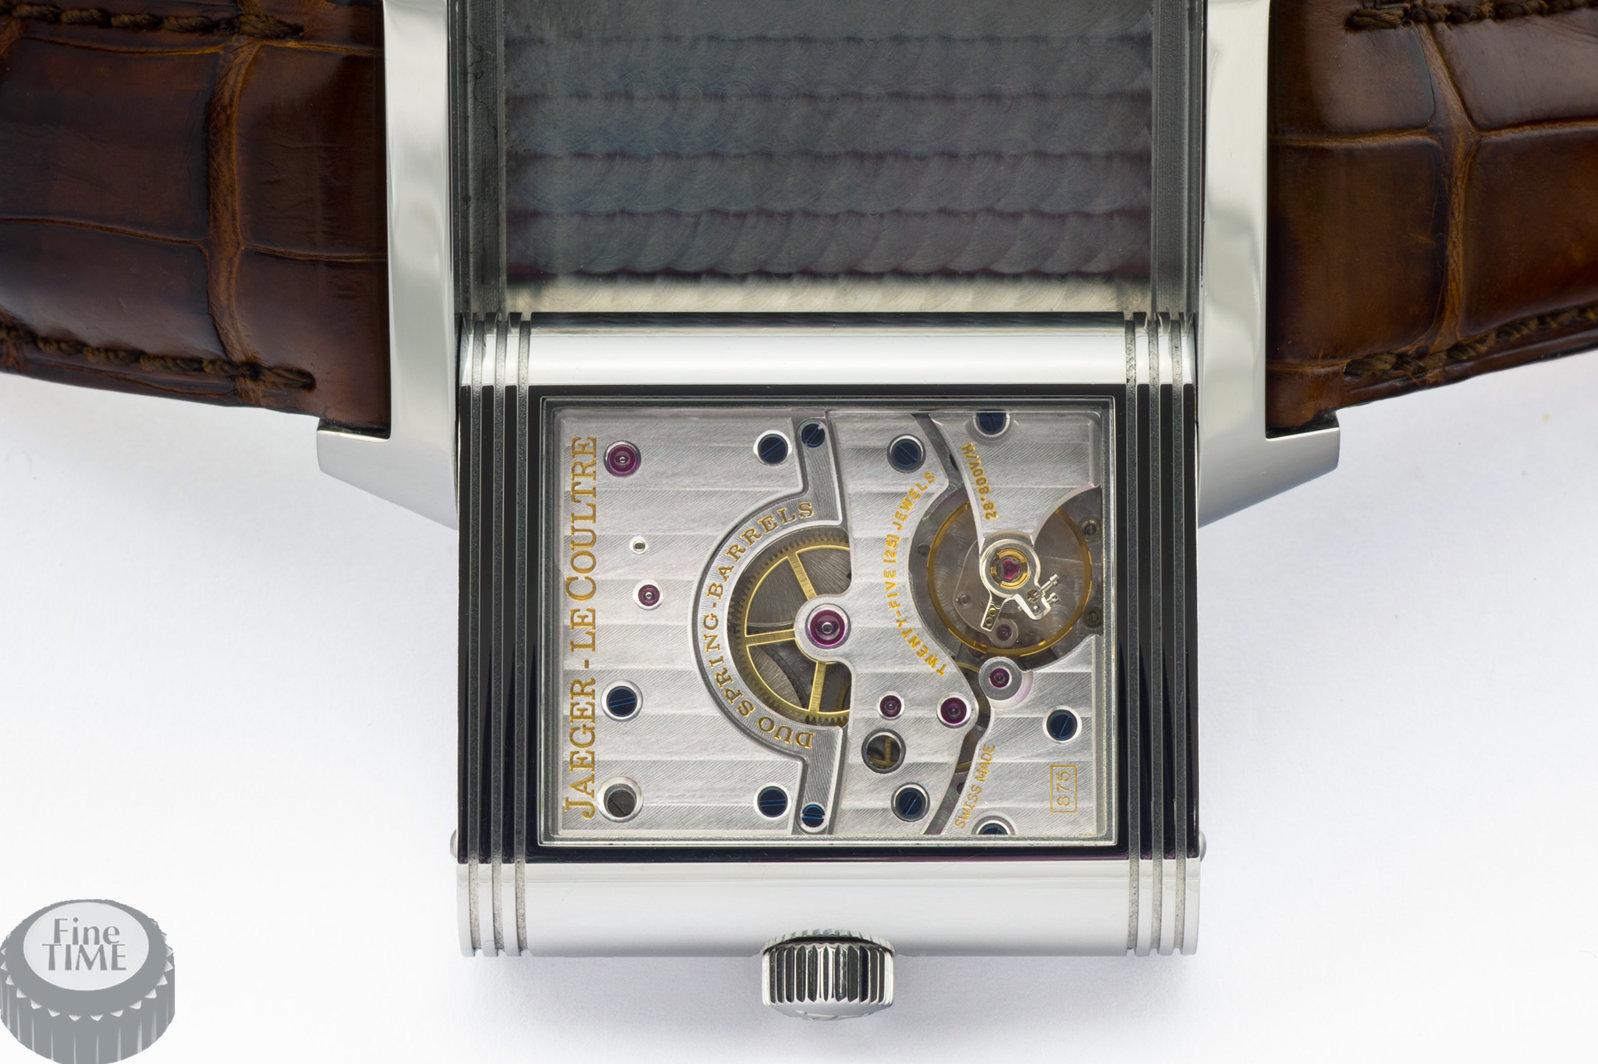 jaeger-lecoultre-reverso-grande-date-240815-06 copy.jpg